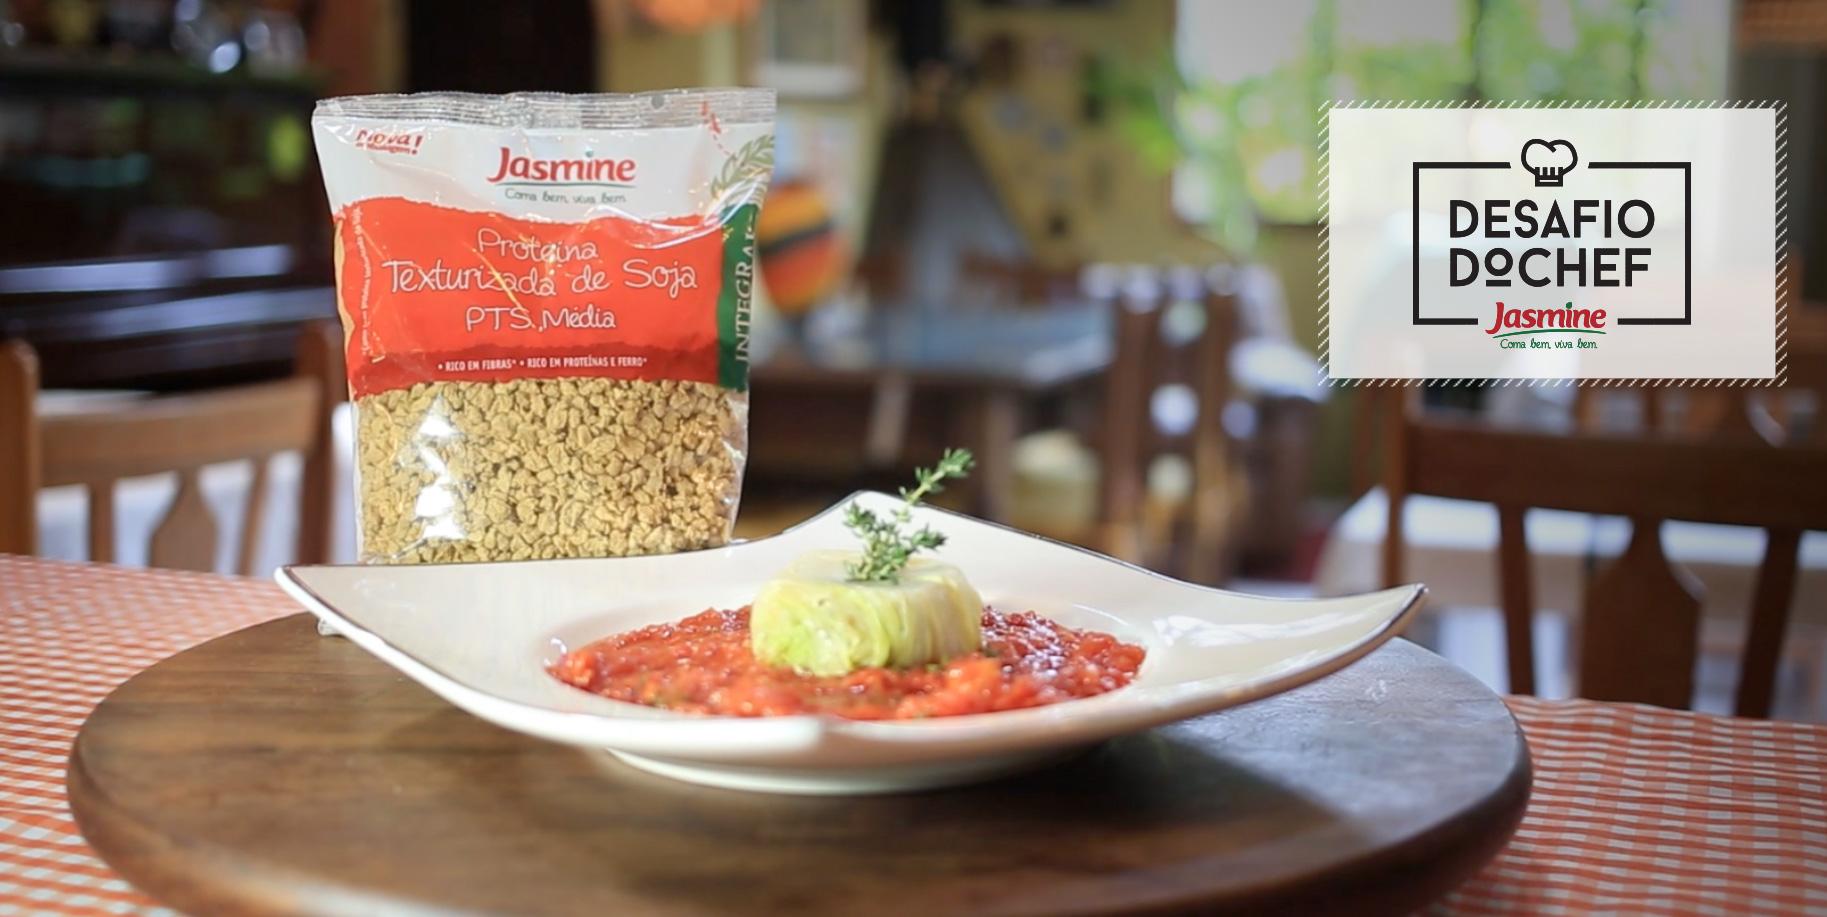 Desafio do Chef Jasmine com Orlando Baumel